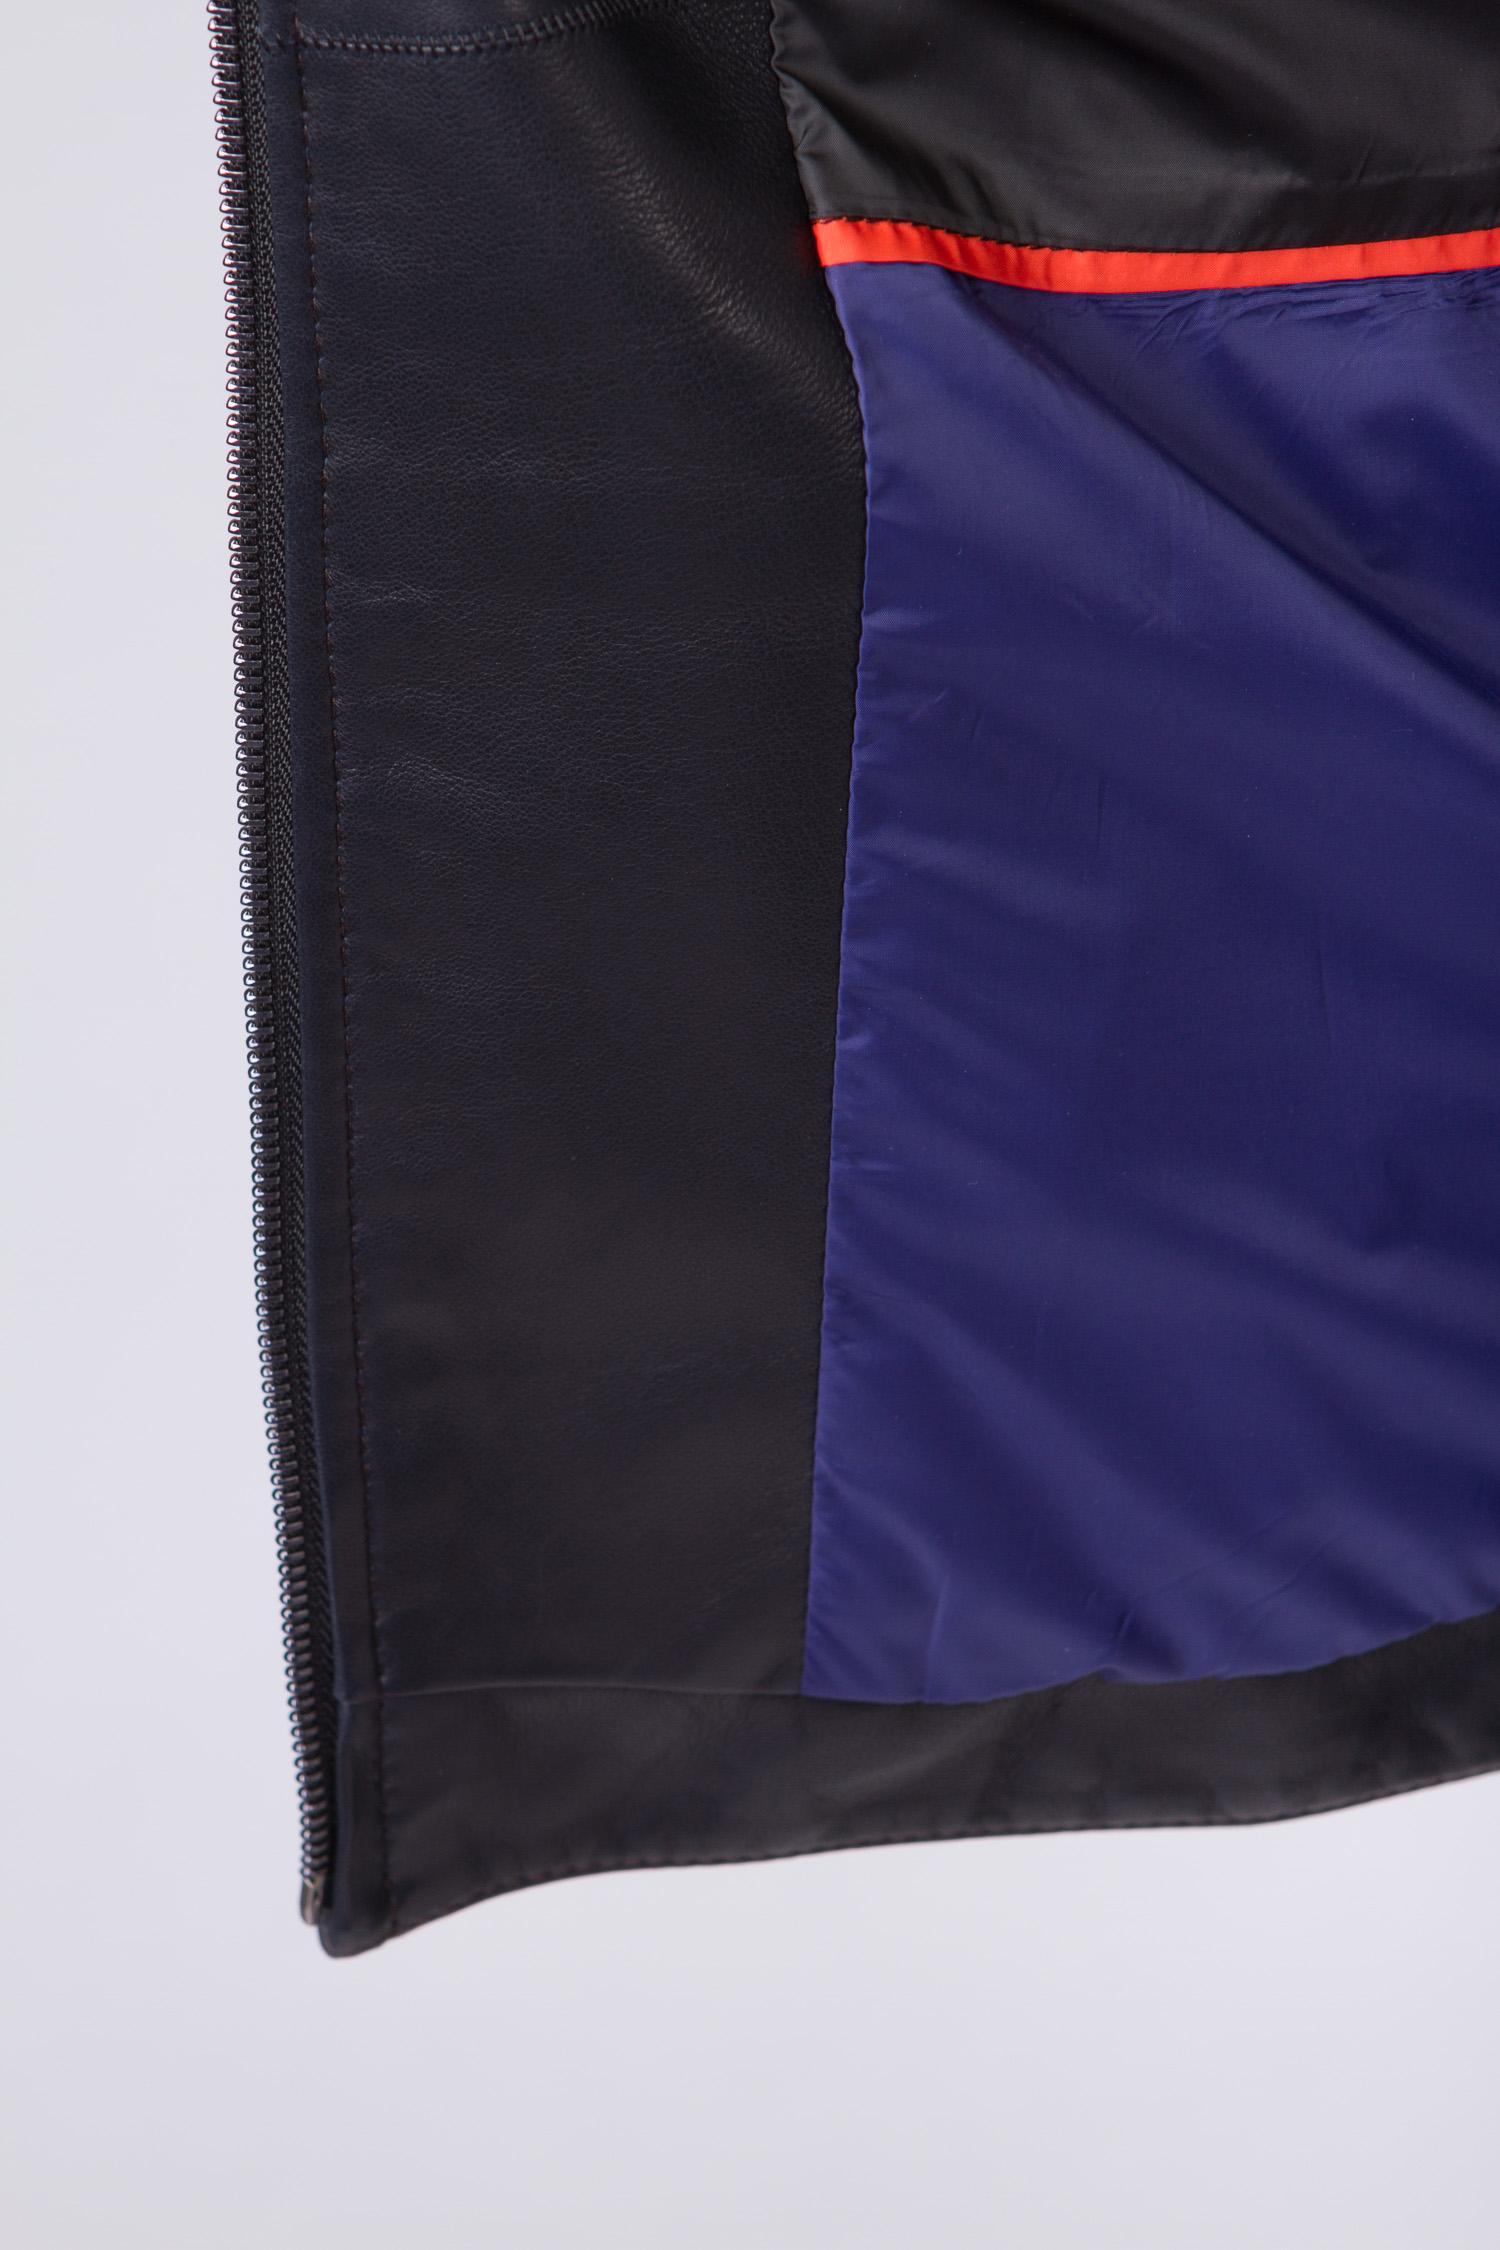 Мужская кожаная куртка из натуральной кожи с капюшоном, без отделки от Московская Меховая Компания